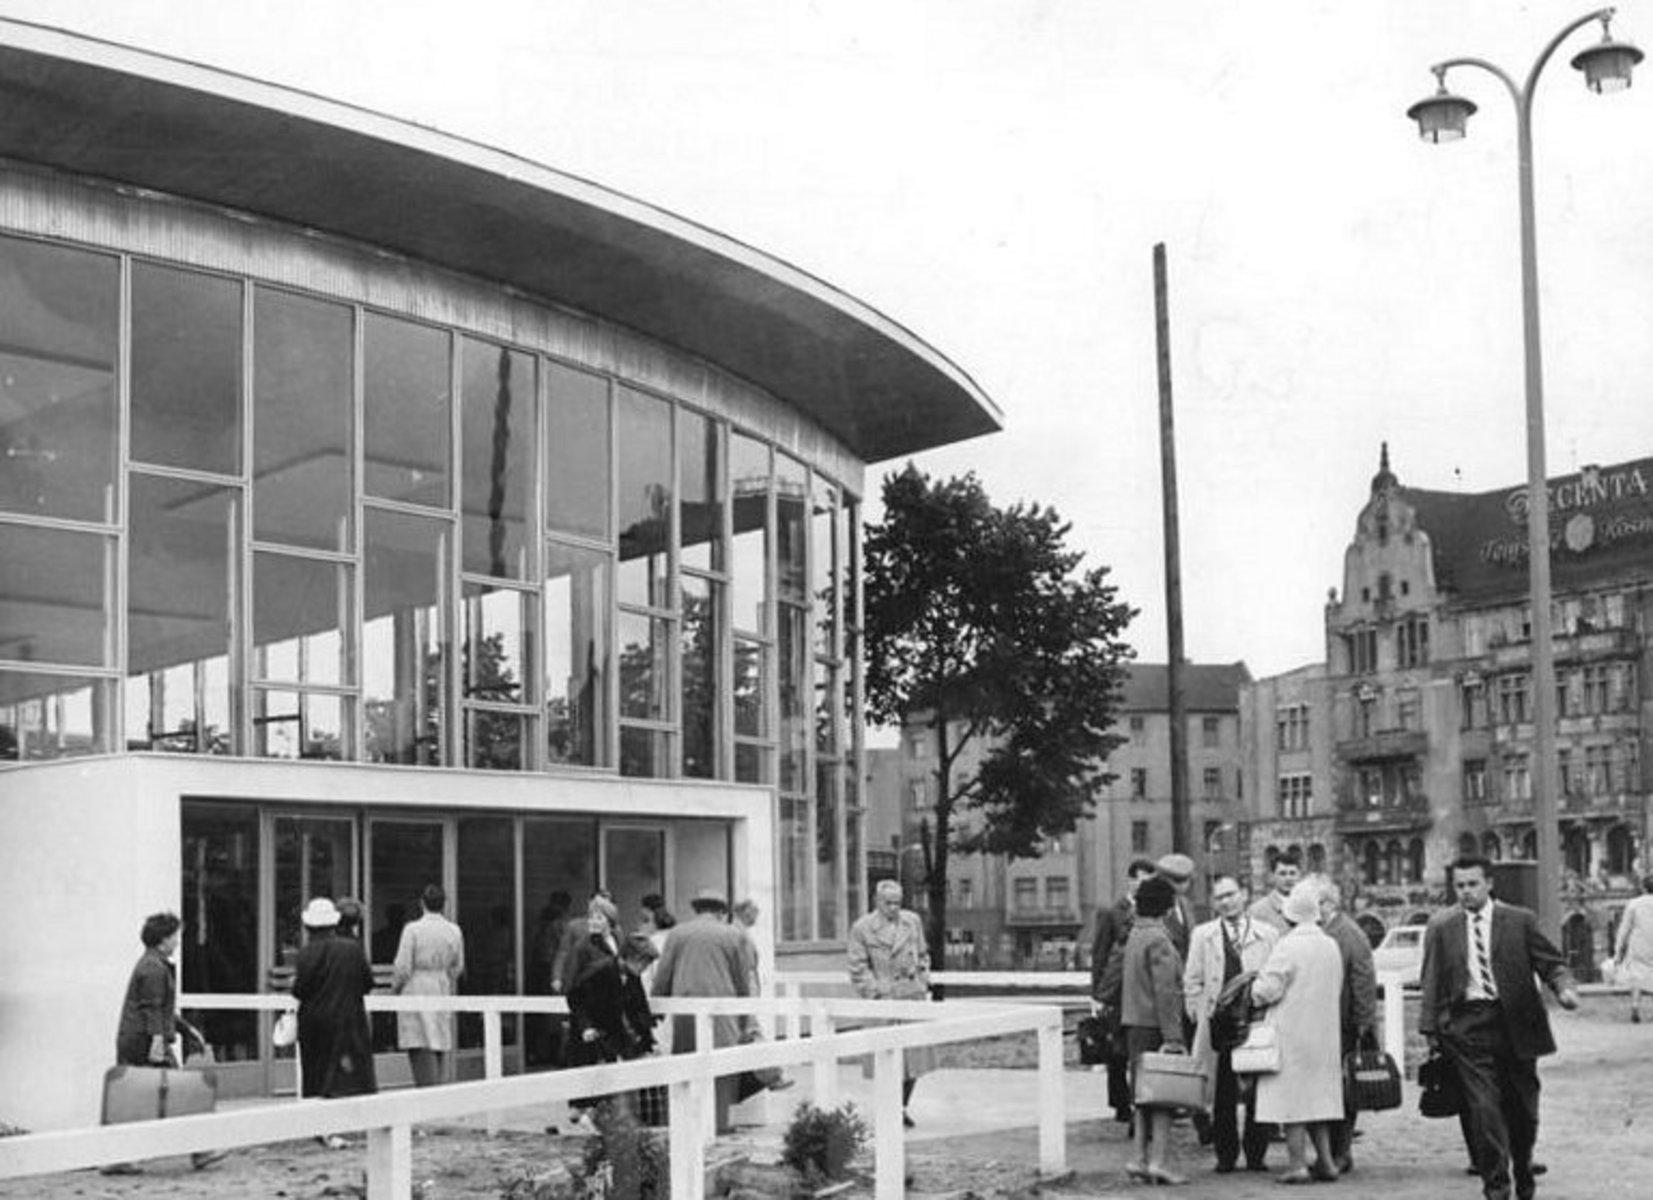 Bundesarchiv_Bild_183-A0706-0010-001,_Berlin,_Bahnhof_Friedrichstraße,_Glashalle,_Eingang.jpg